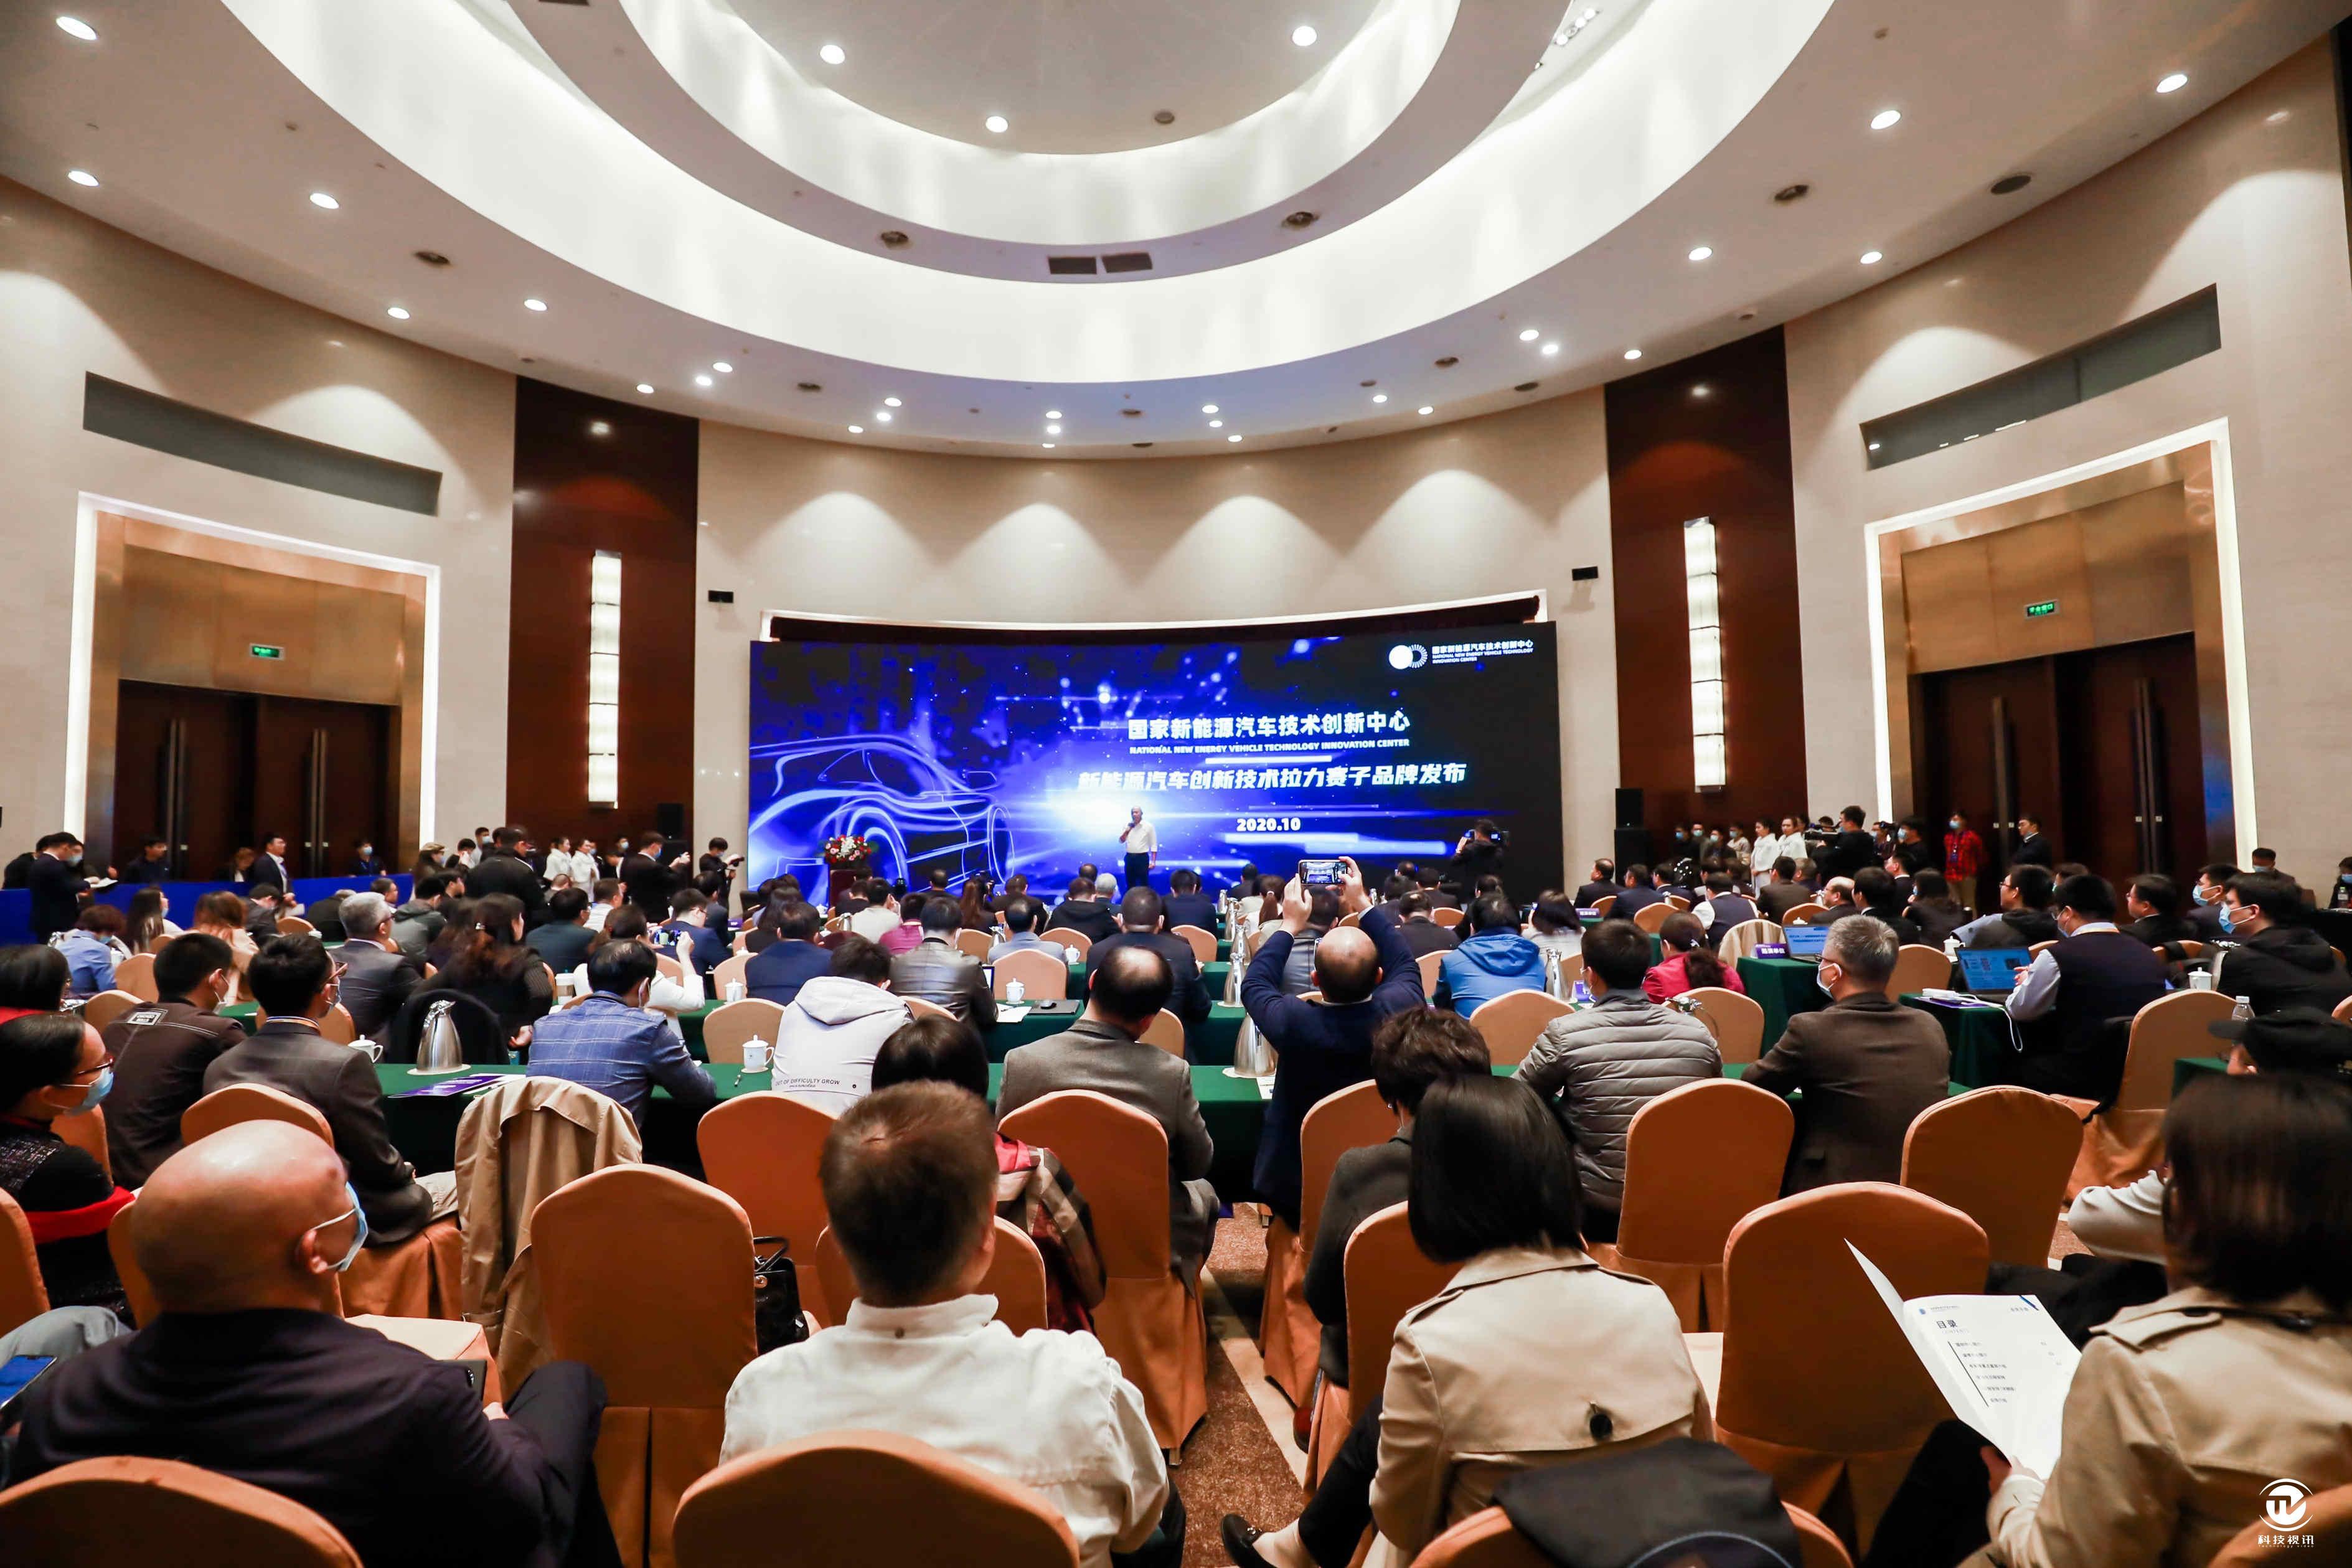 图片1-2020年国际先进车用材料创新应用峰会在山东淄博正式拉开序幕.jpg